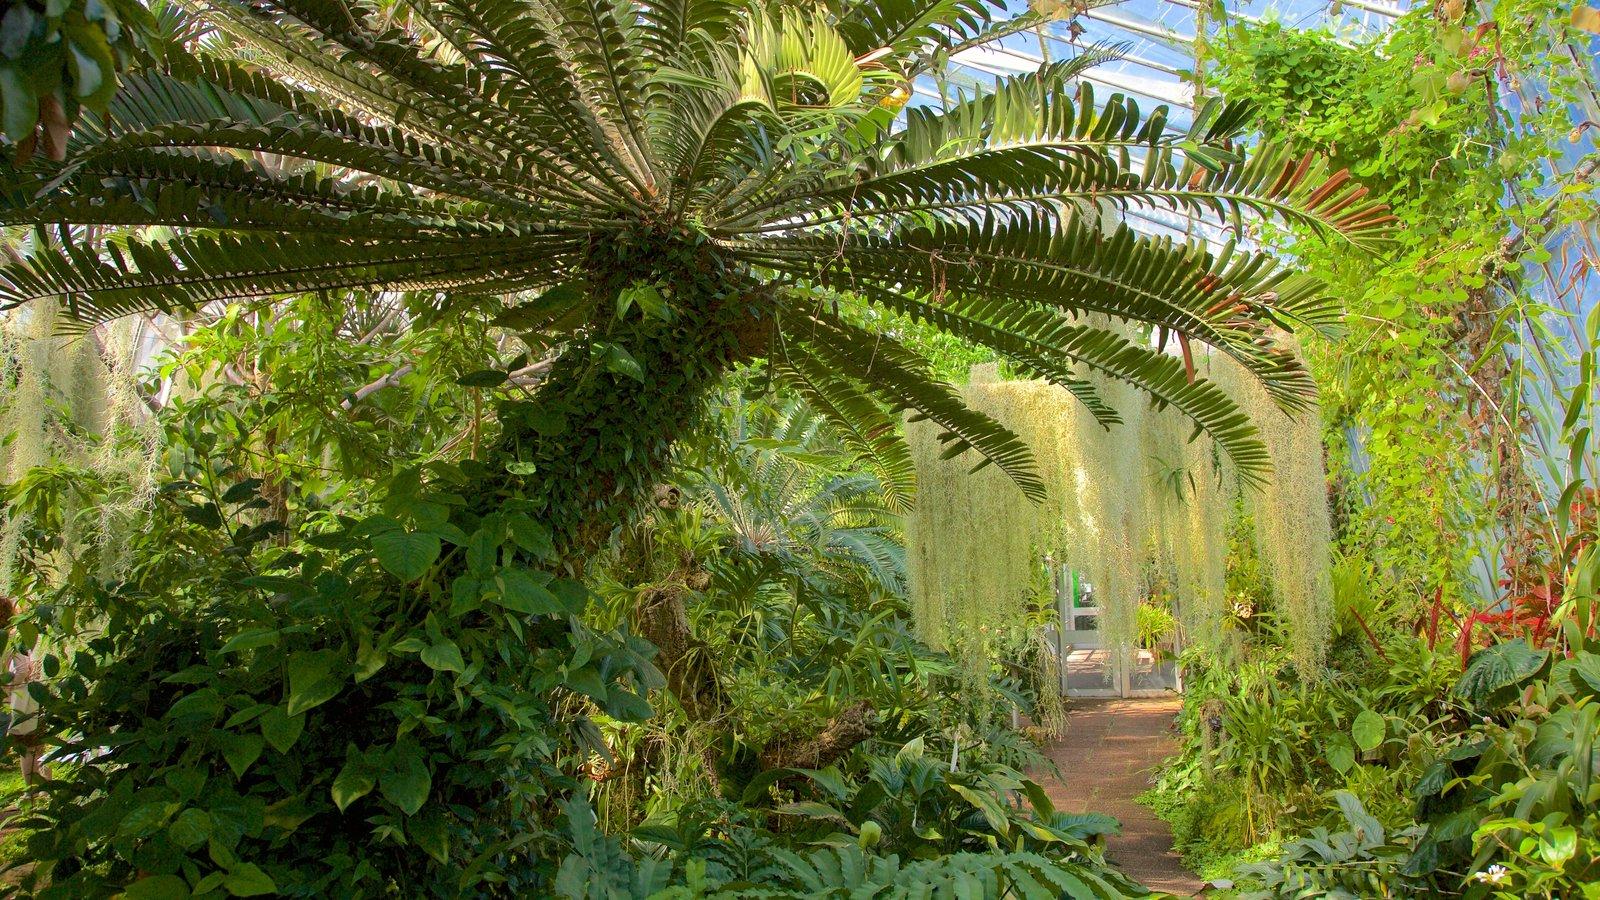 Real Jardín Botánico mostrando vistas interiores, un jardín y escenas tropicales